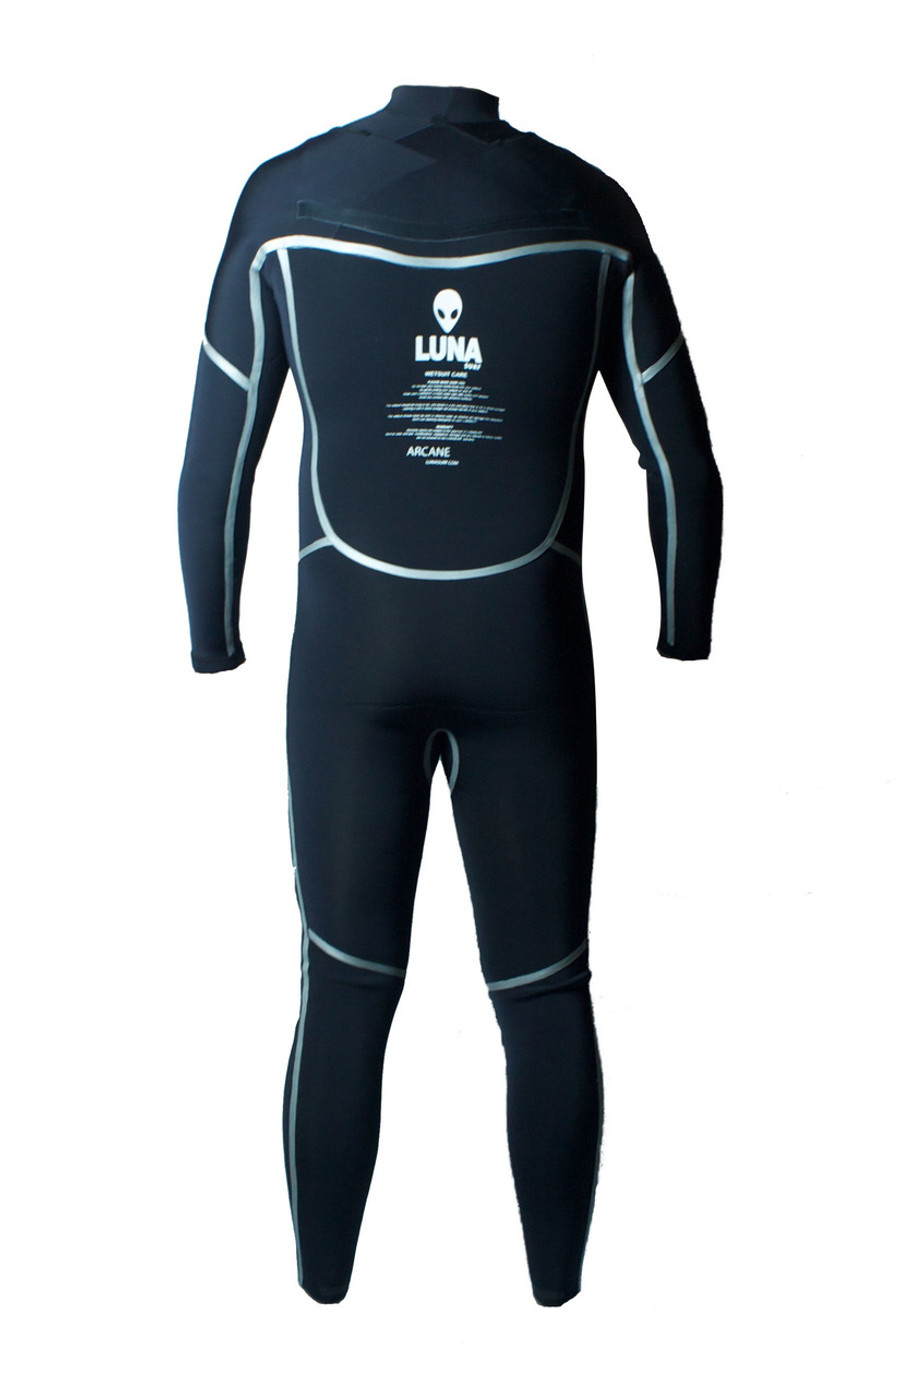 Lunasurf  Yamamoto 3/2mm Wetsuit Arcane Black